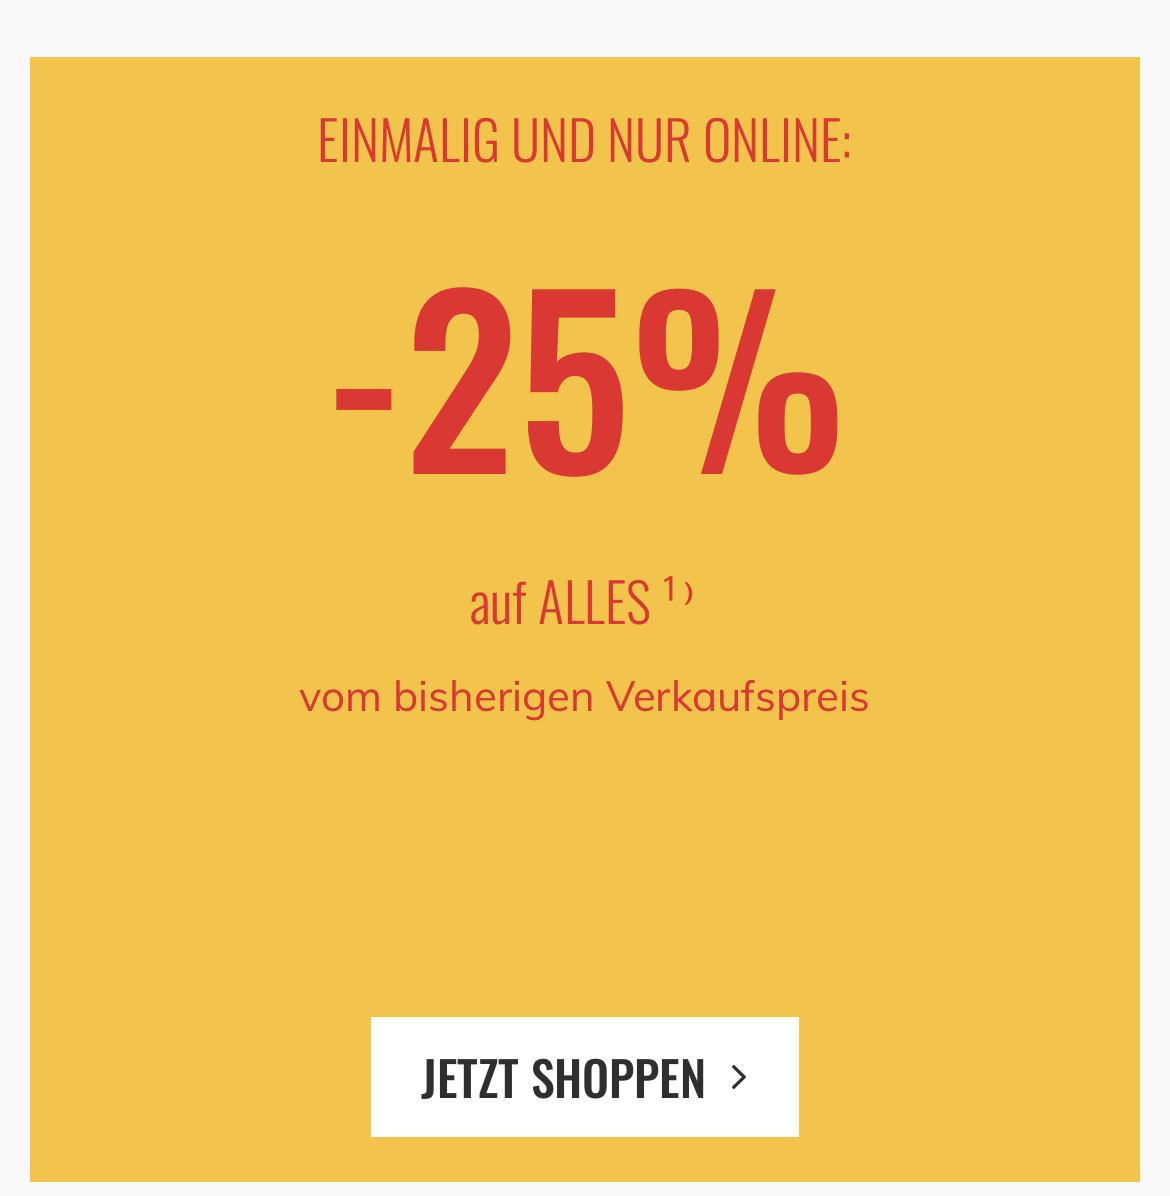 -25% auf alles bei kika & Leiner OHNE AUSNAHMEN